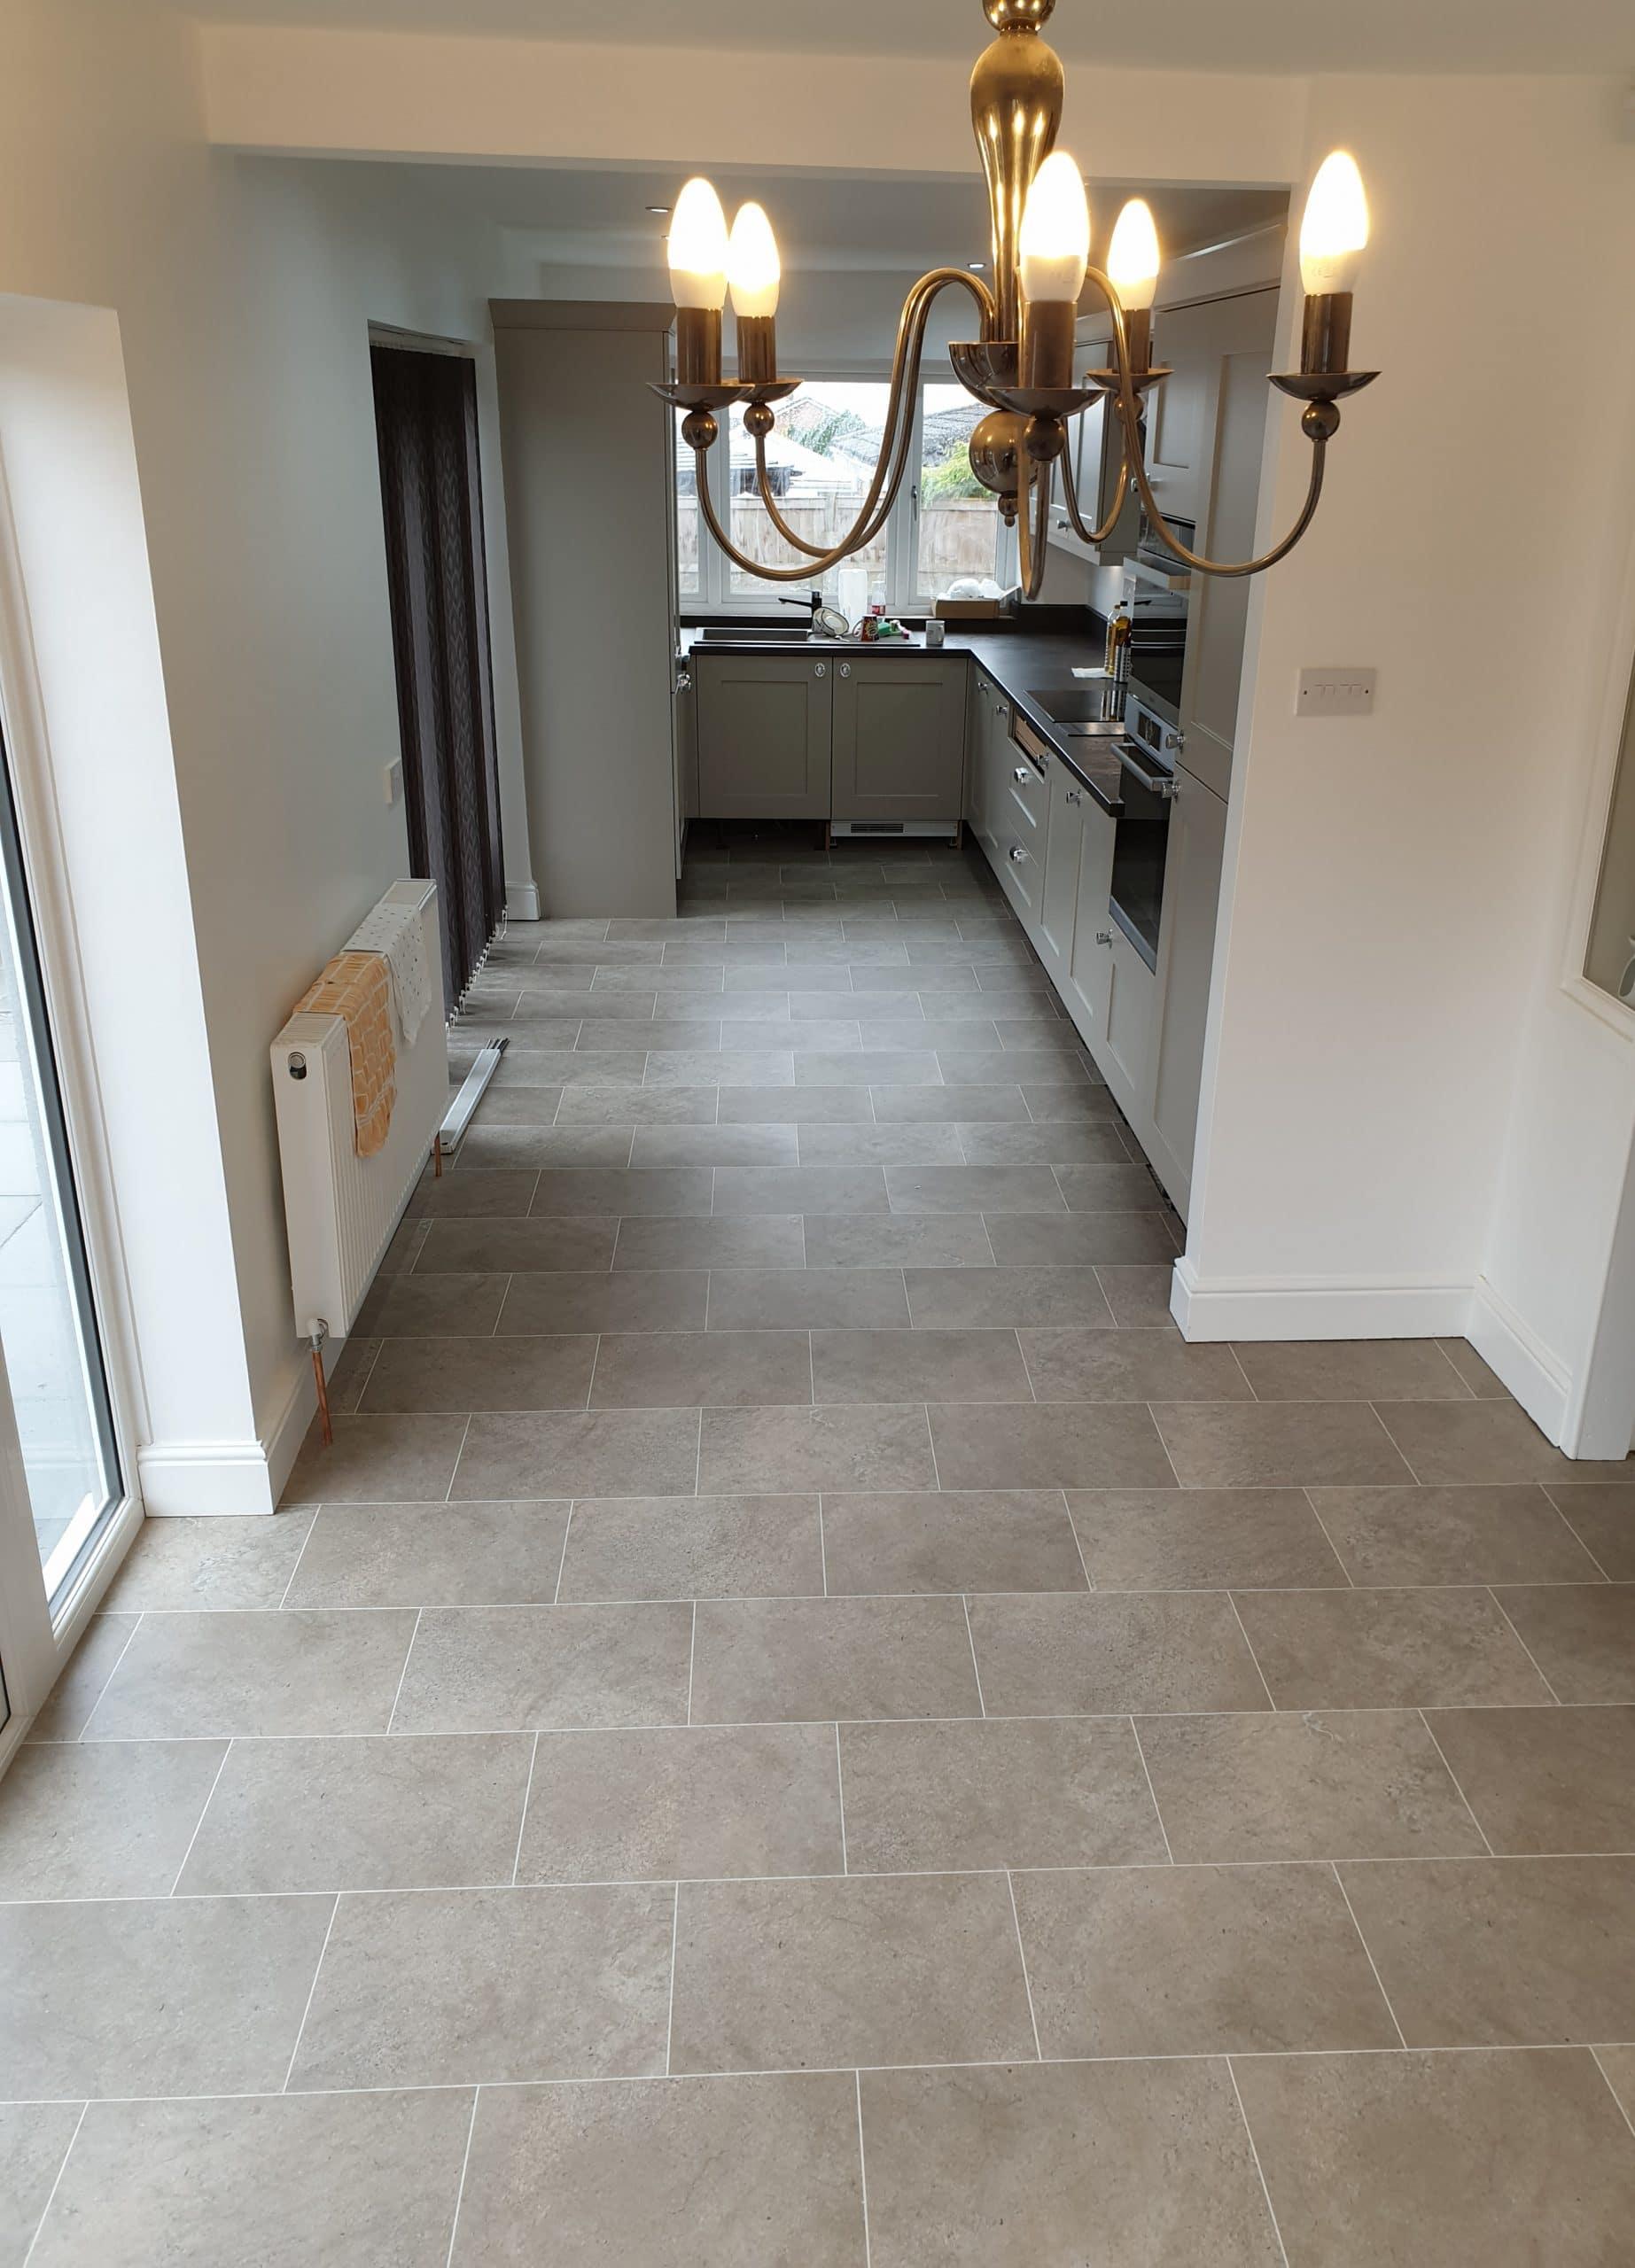 karndean vinyl tile Wirral kitchen flooring